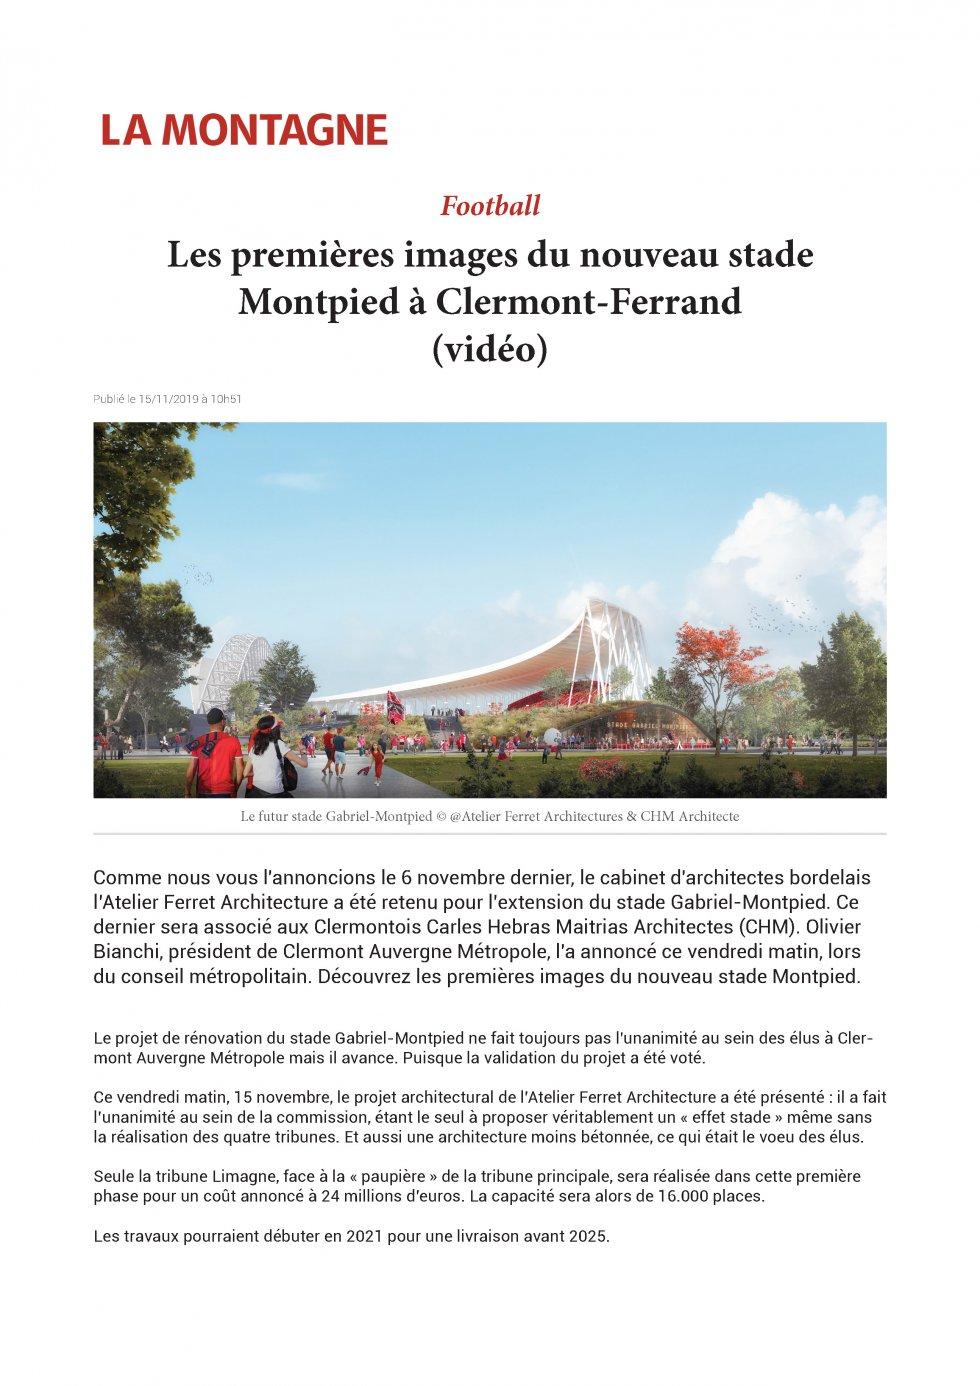 Les premières images du nouveau stade Montpied à Clermont-Ferrand (vidéo)